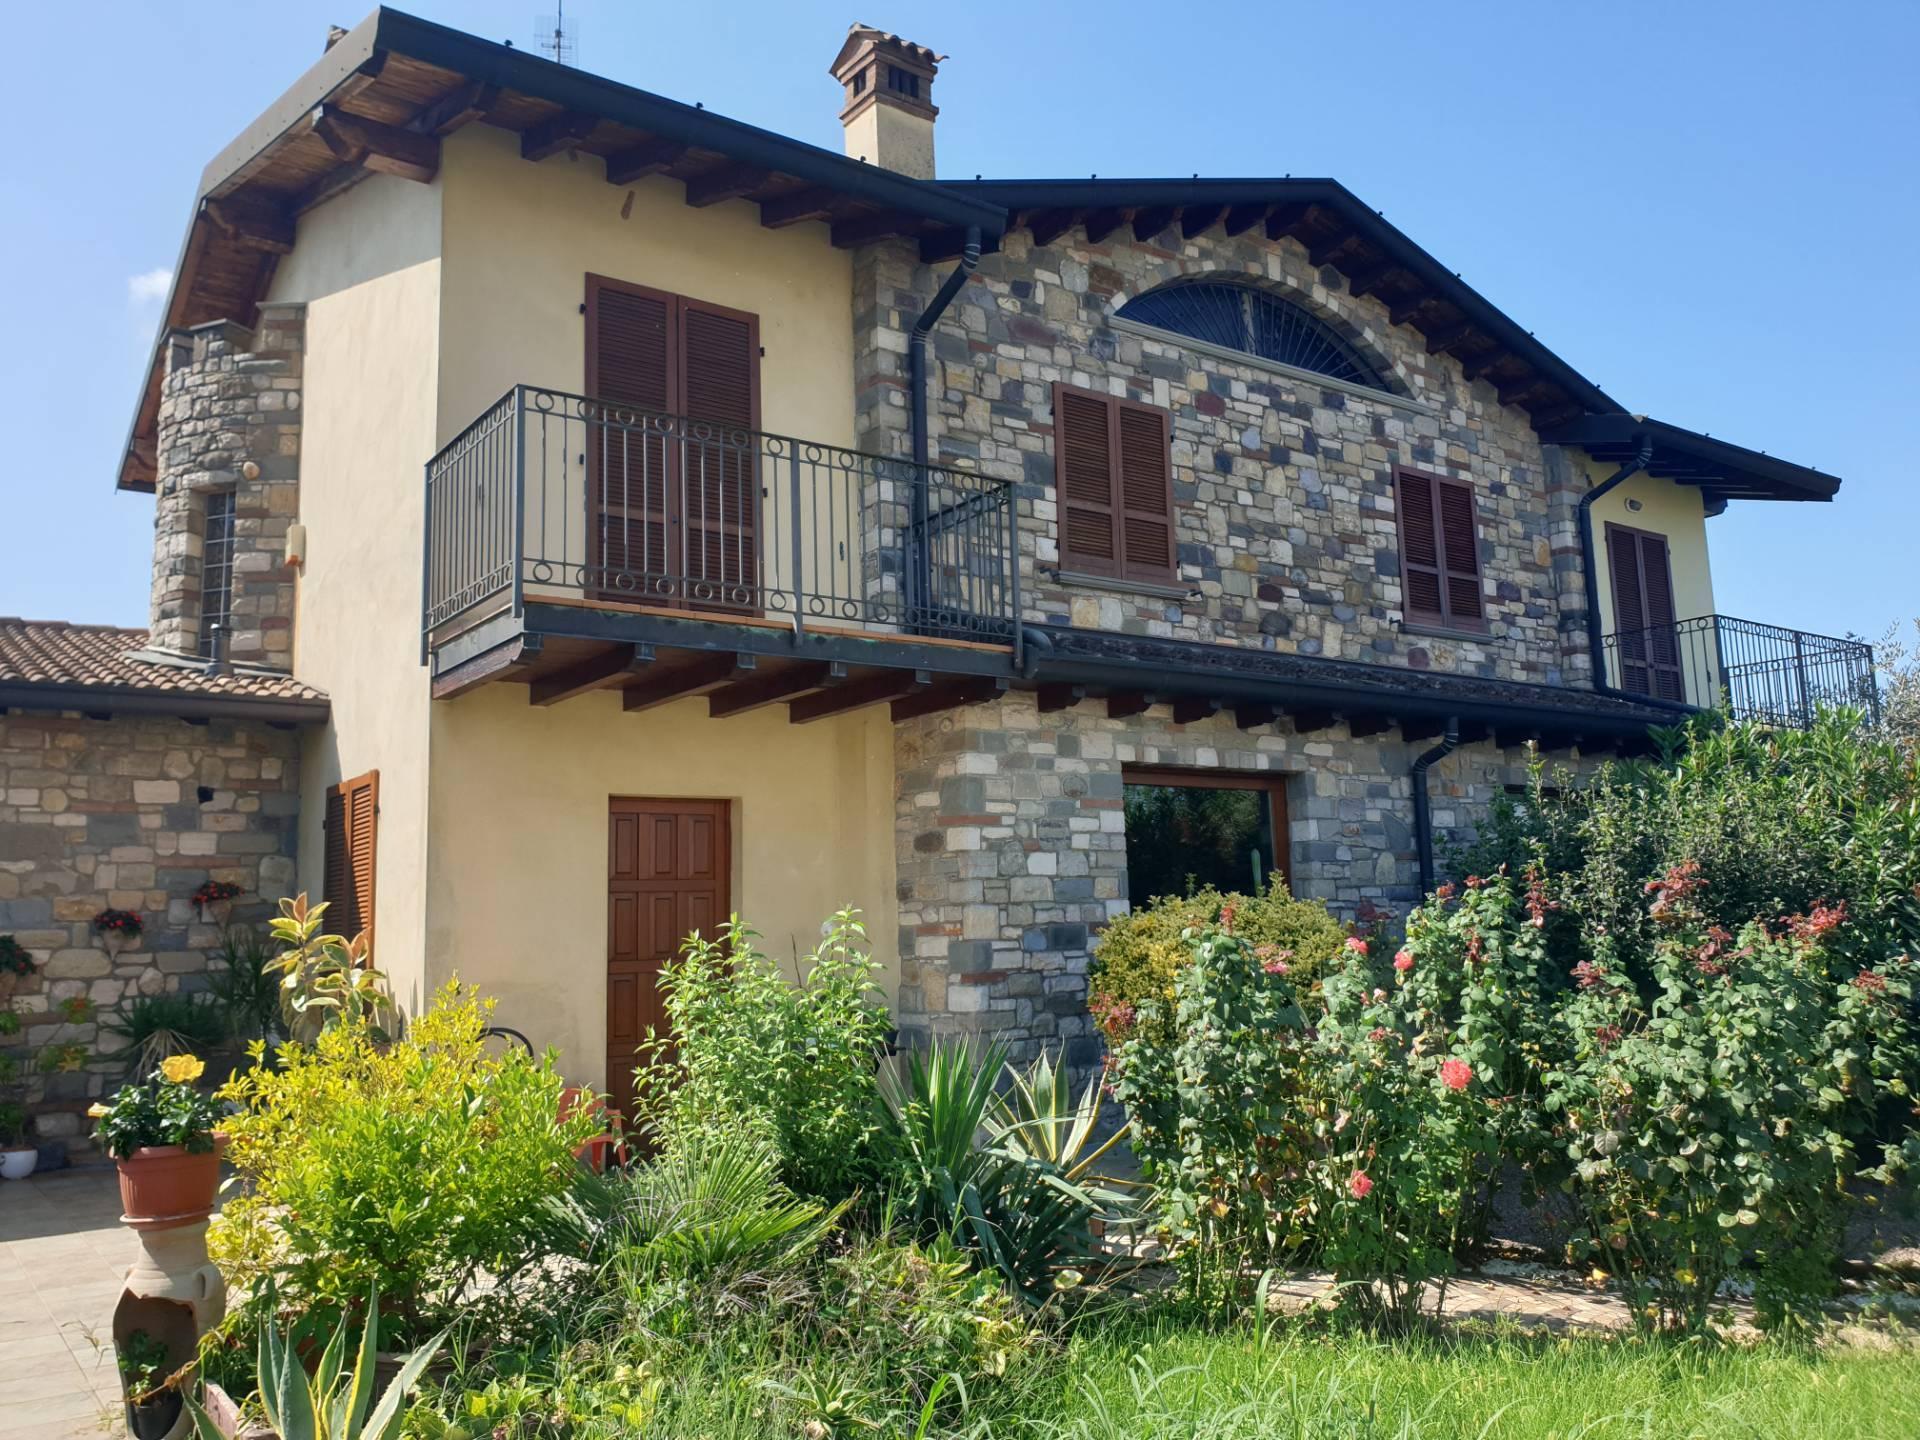 Villa Bifamiliare in vendita a Palosco, 4 locali, prezzo € 158.000 | PortaleAgenzieImmobiliari.it